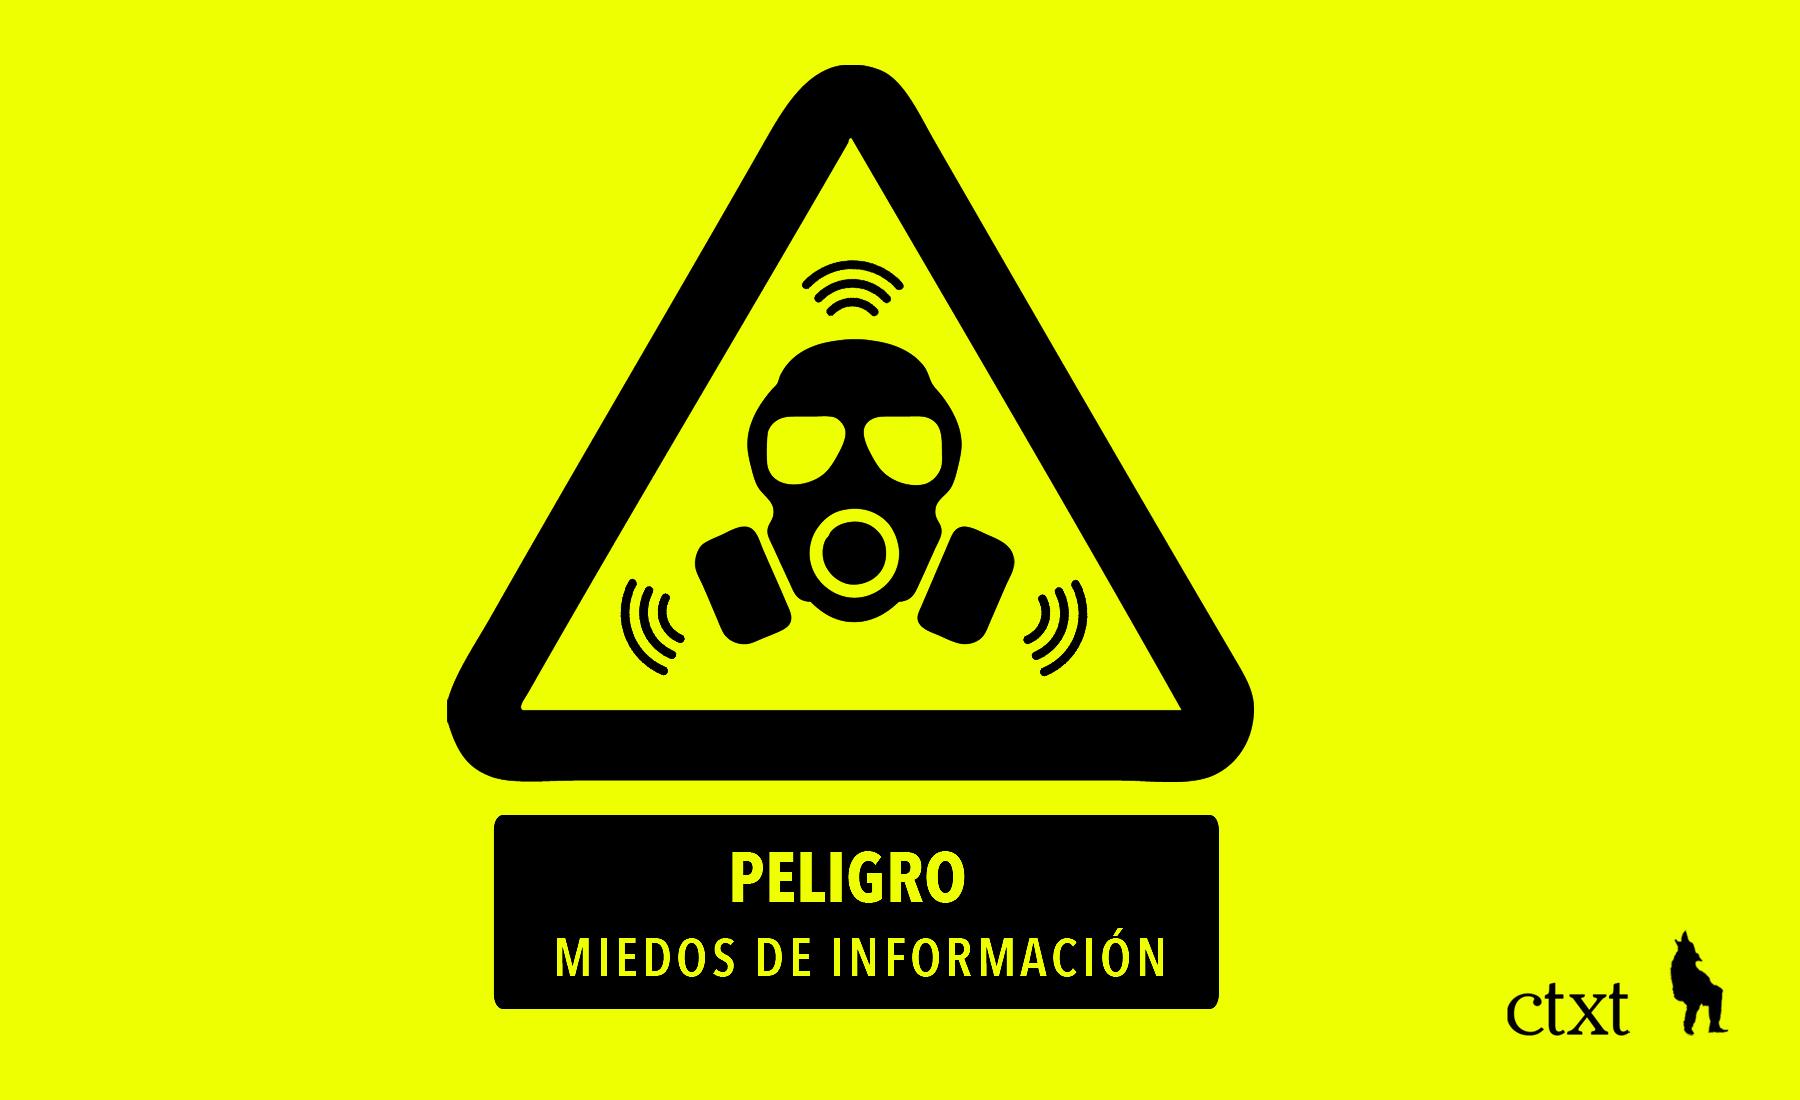 <p>Miedos de información</p>